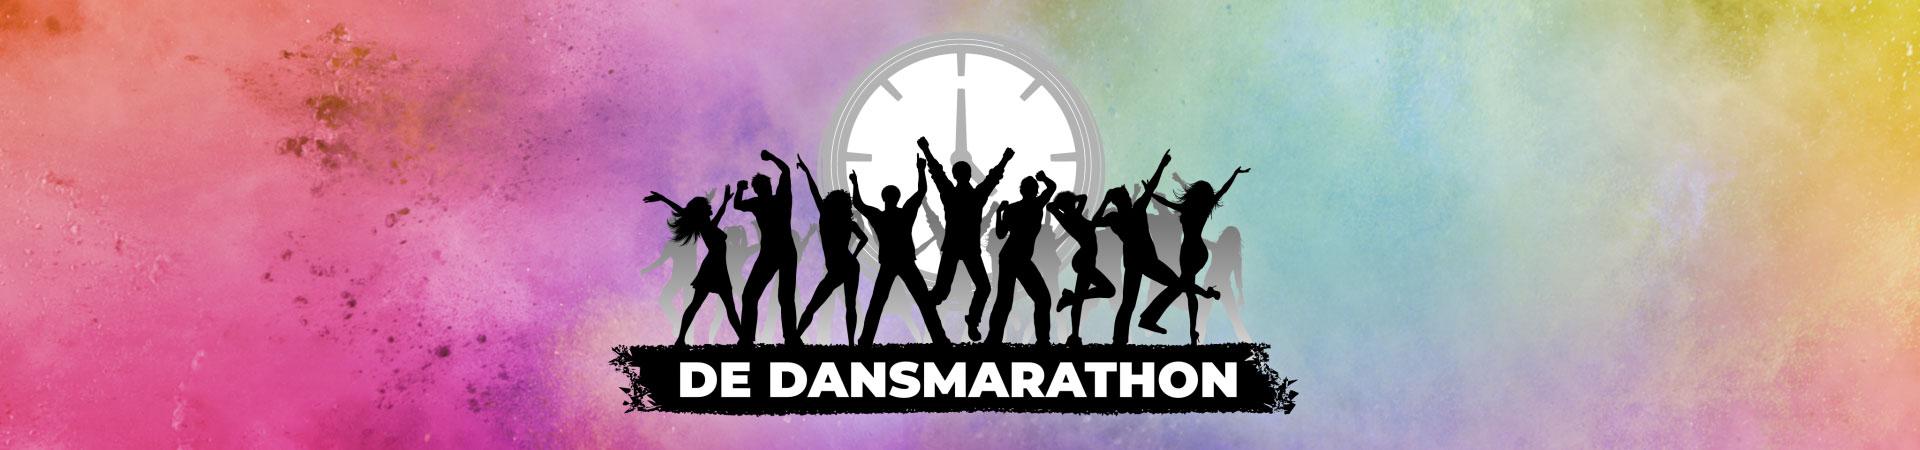 Dansmarathon online tickets